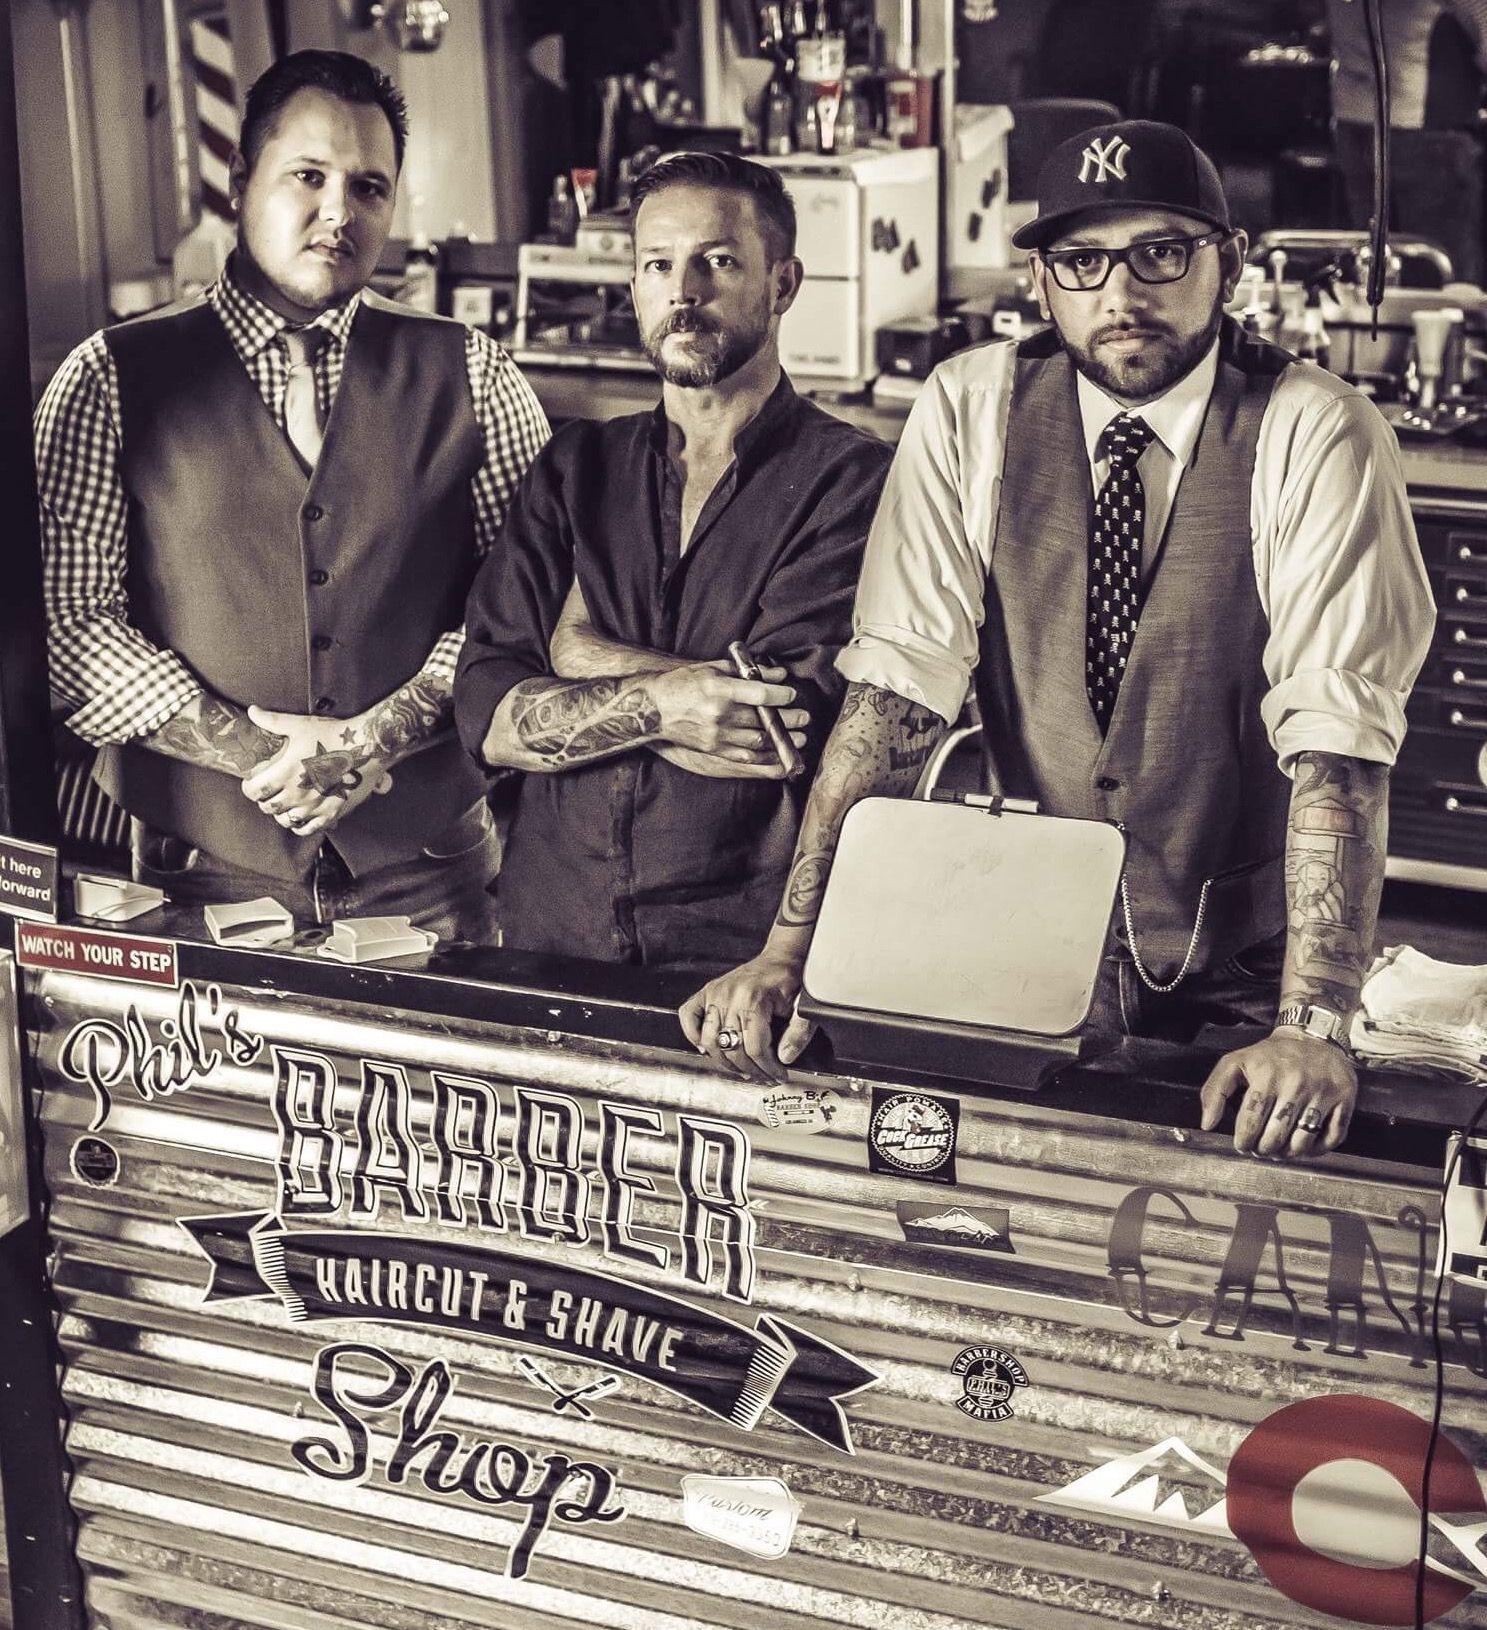 Shooting In Canon City Colorado: The Barber Shop Mafia @ Phils Barber Shop, Canon City